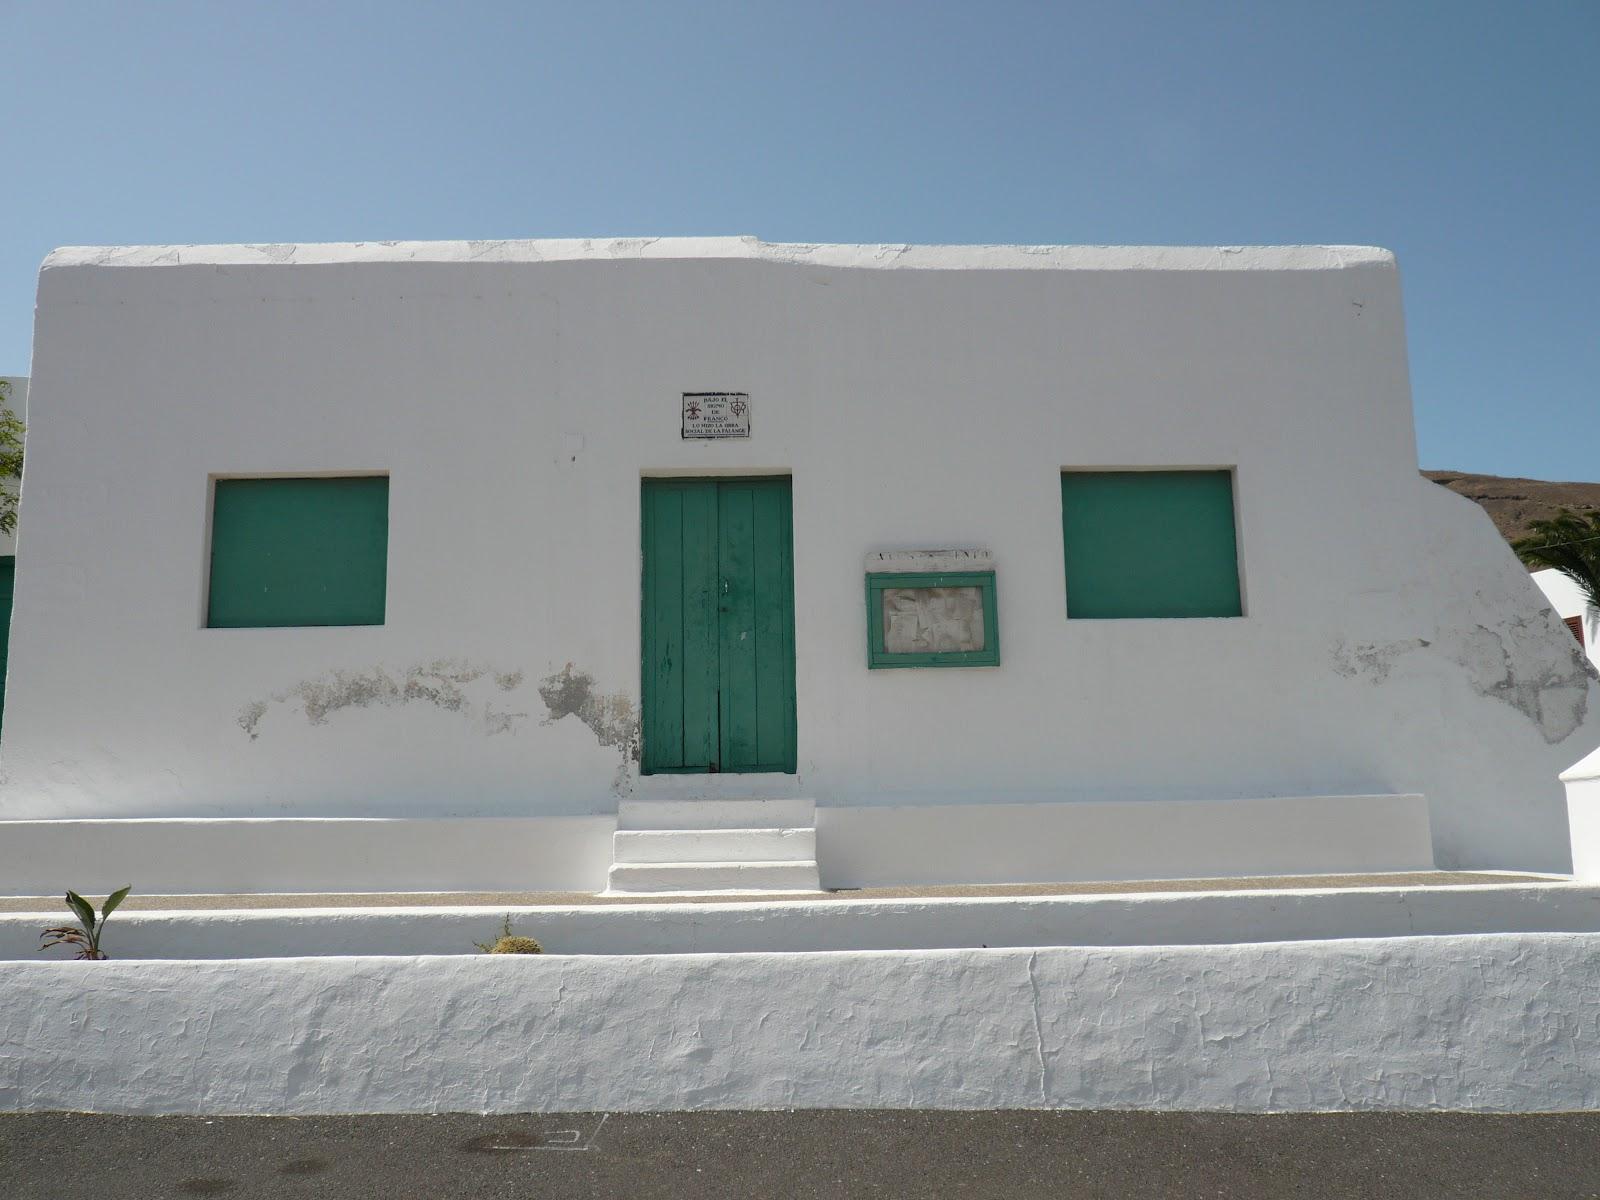 Mycorner arquitectura tradicional de las islas canarias - Las casas canarias lanzarote ...